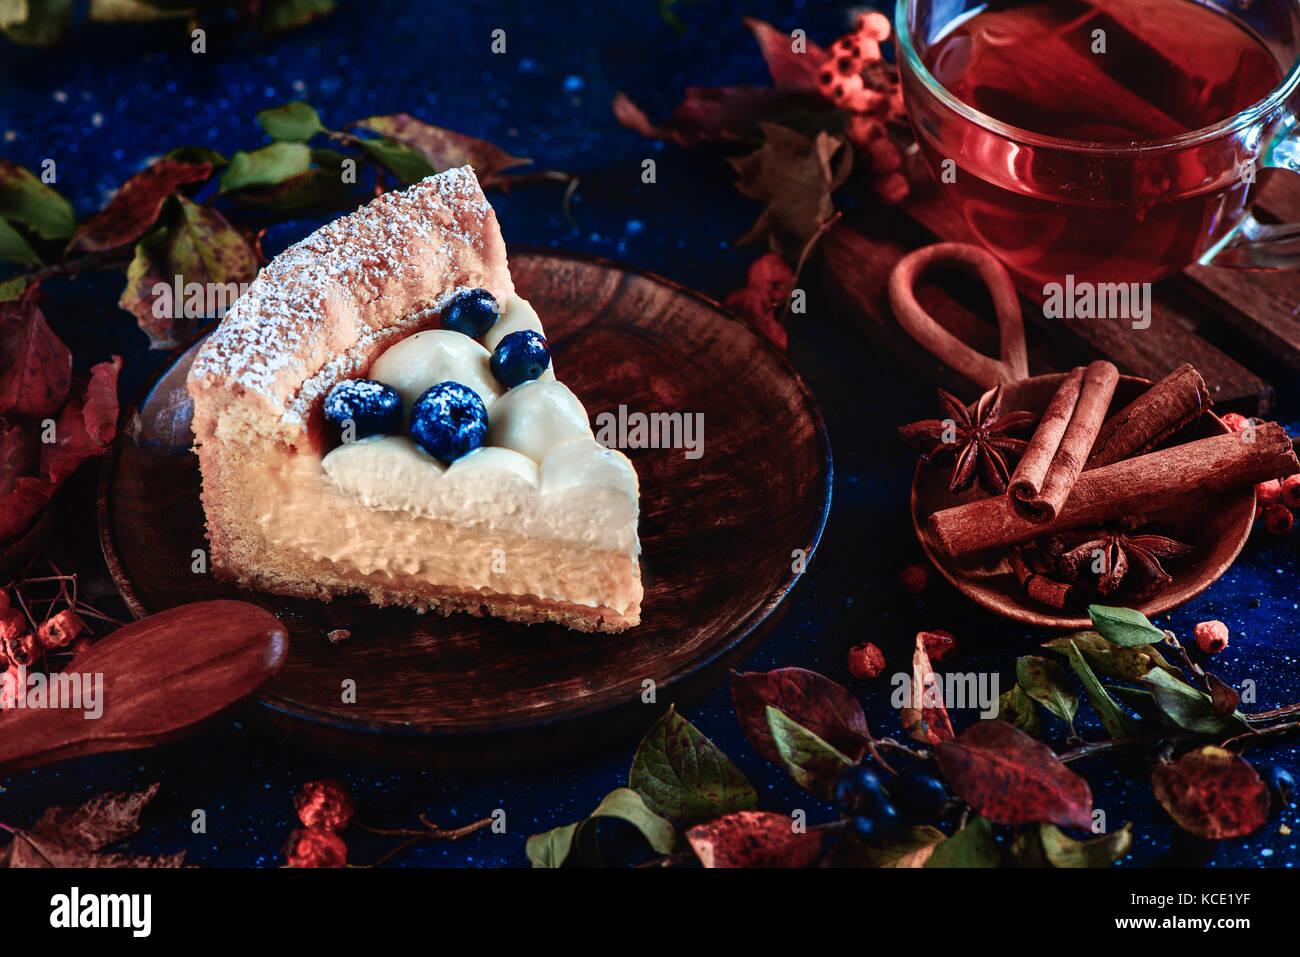 Hommemade wipped croûte gâteau à la crème, les bleuets et purée de potiron sur un fond Photo Stock